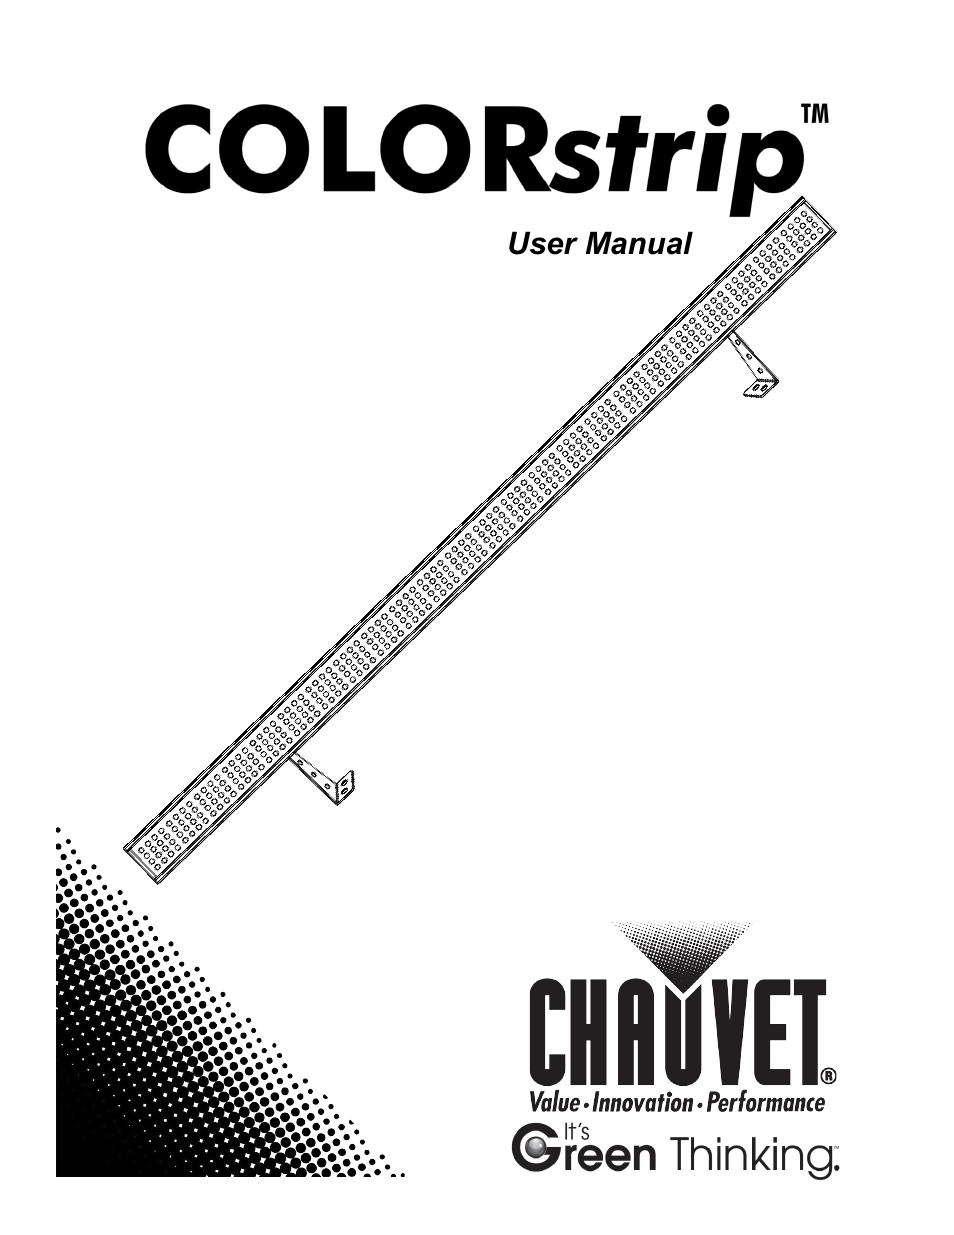 chauvet colorstrip user manual 17 pages rh manualsdir com Corvette Owners Manual User Manual PDF